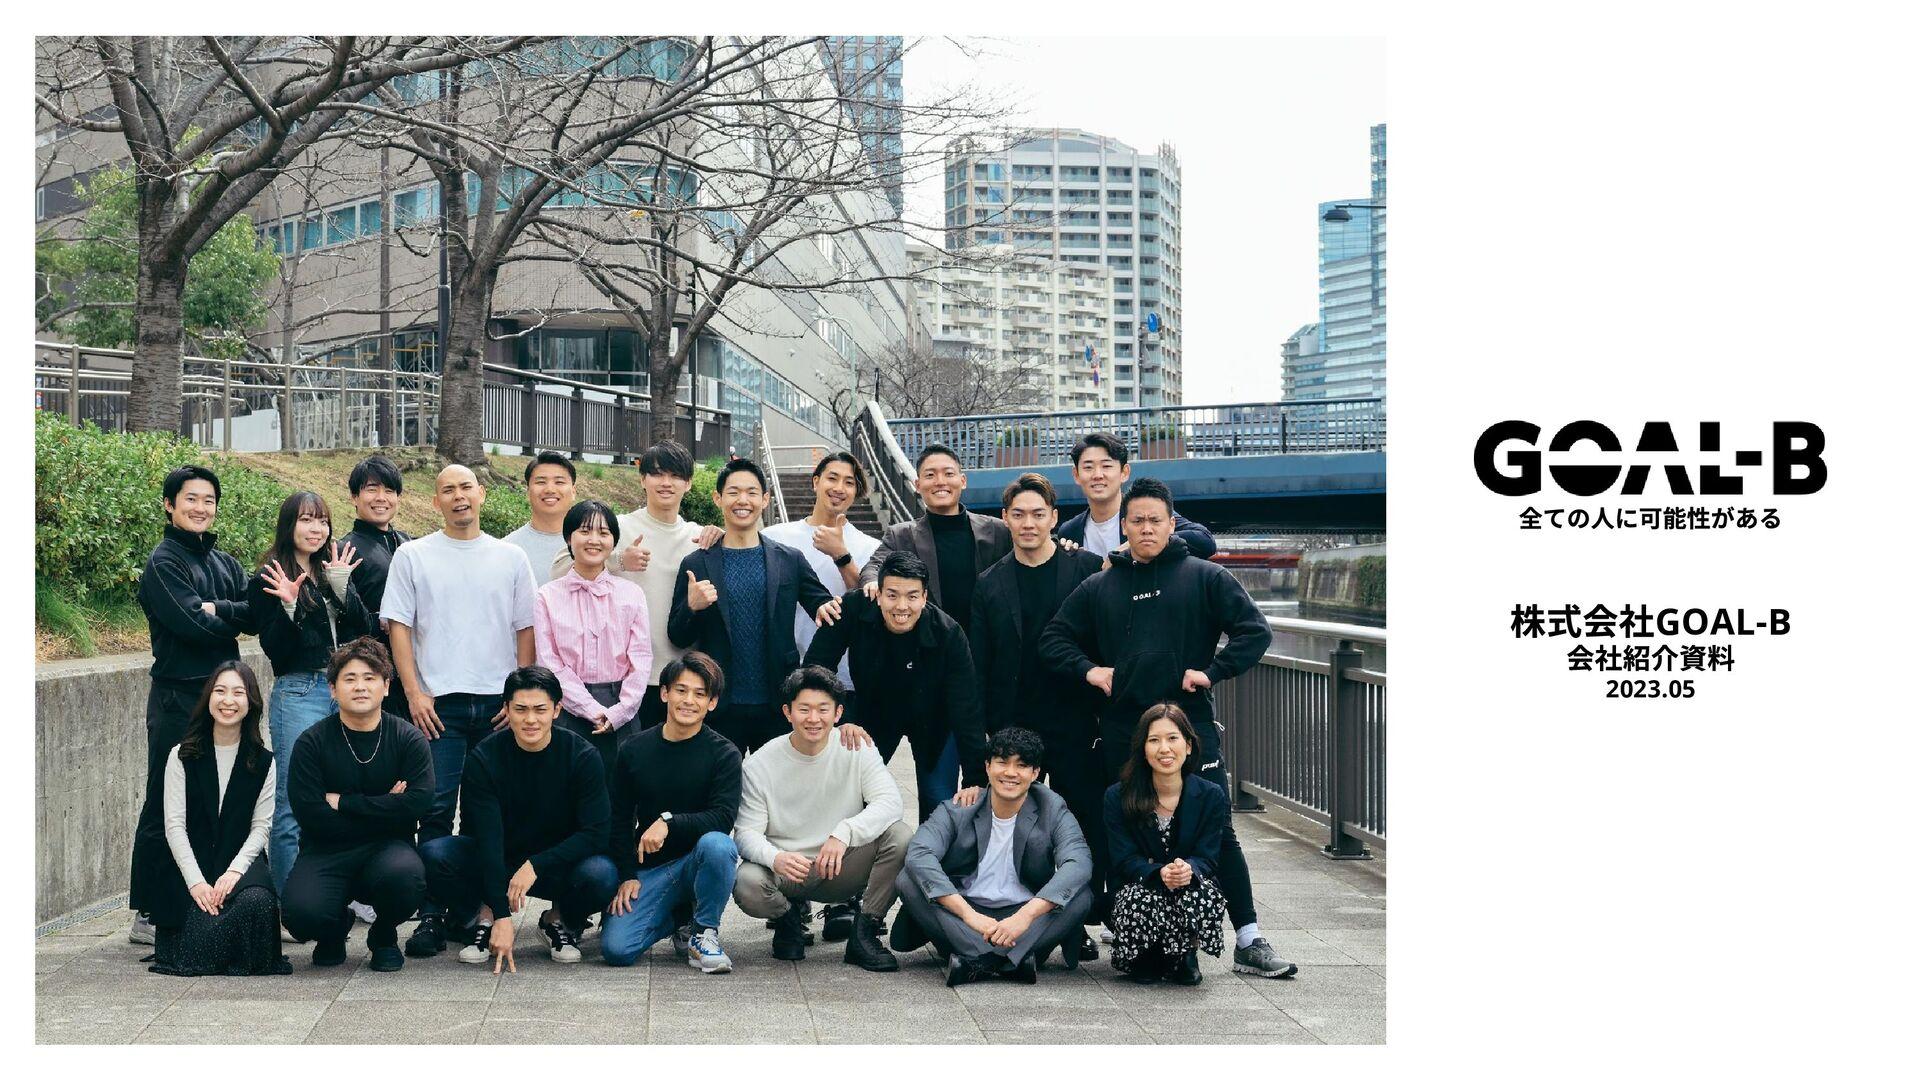 募集職種一覧 セールス ・法⼈営業 マーケティング ・SEO ・広告運⽤ ・MA運⽤ コーチ ...